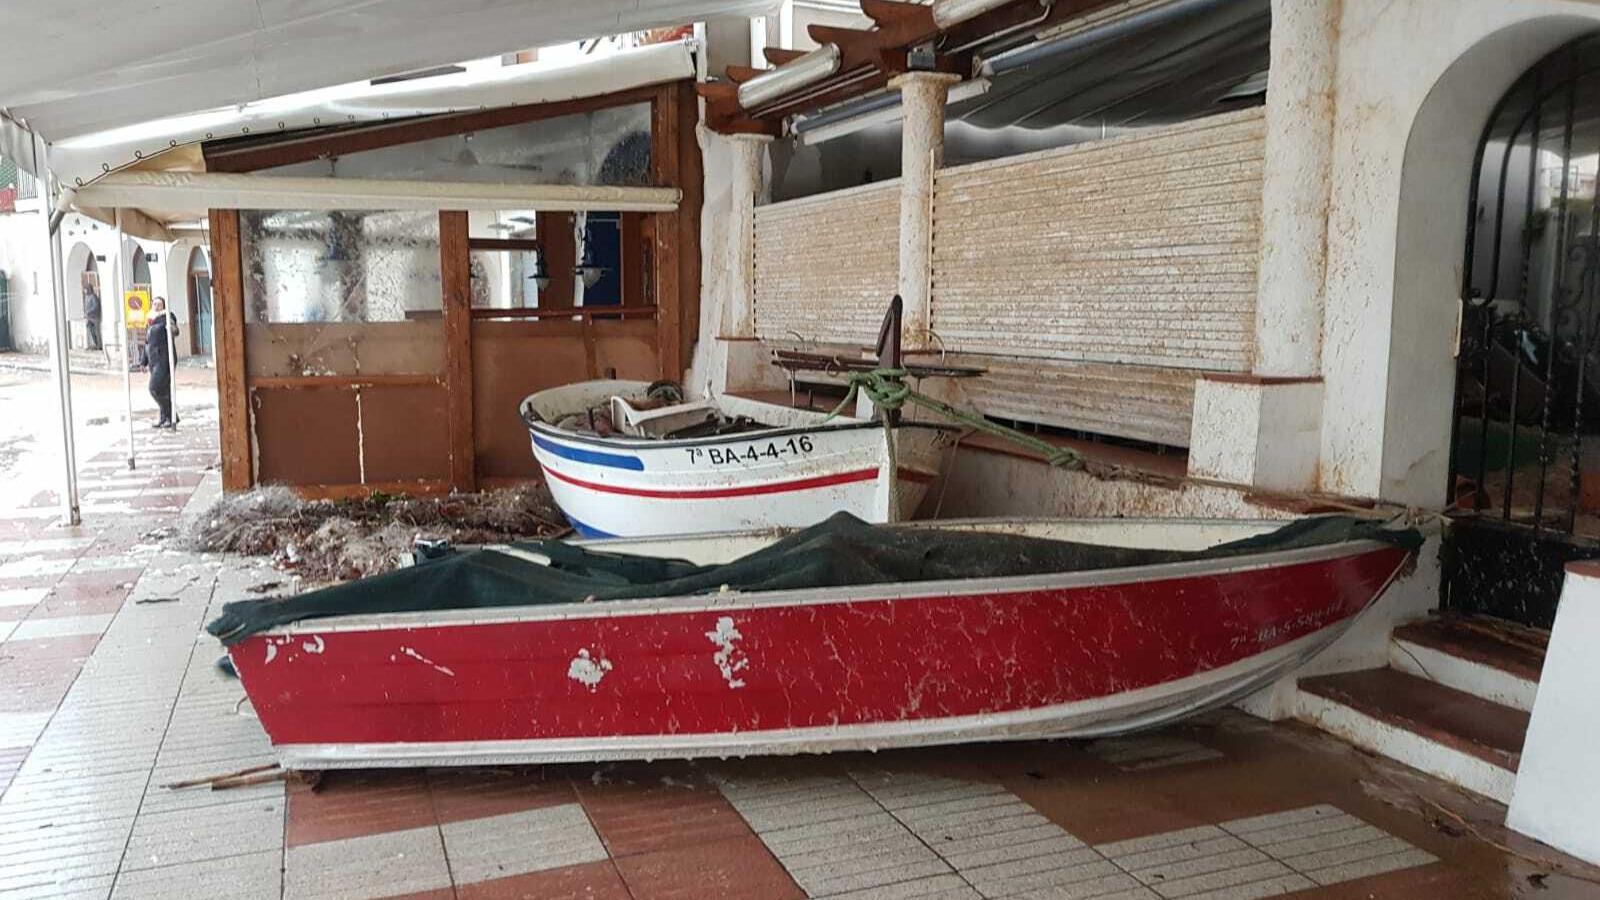 El 'Gloria' deixa la Costa Brava sense platges